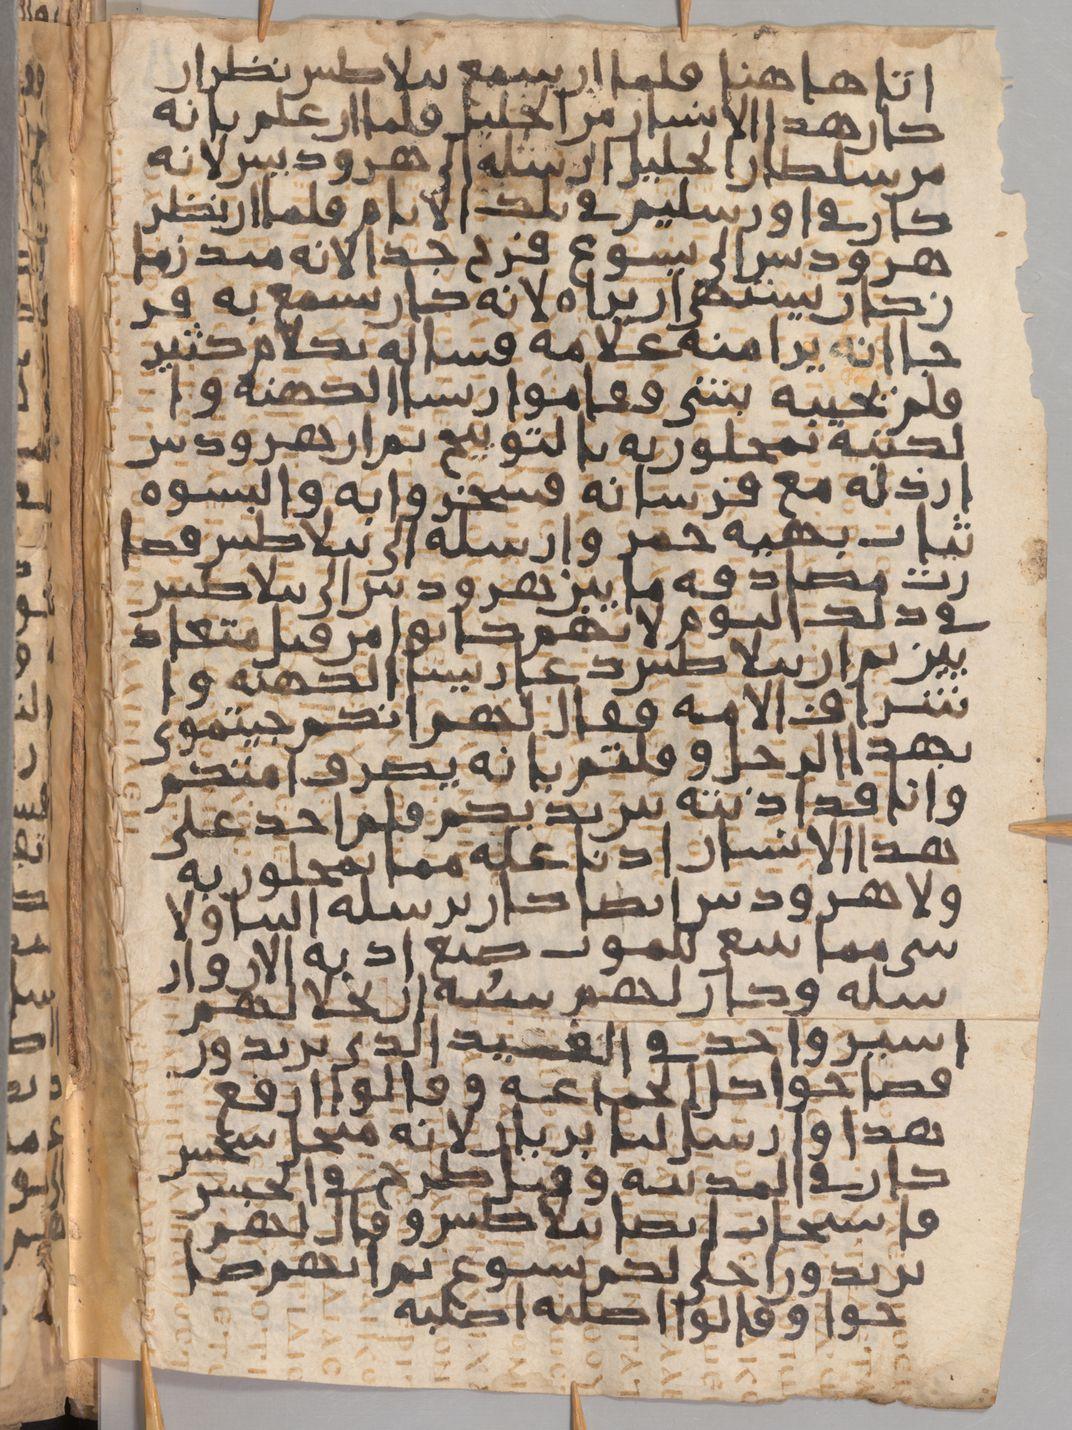 palimpsest manuscript revealing more about ancient east